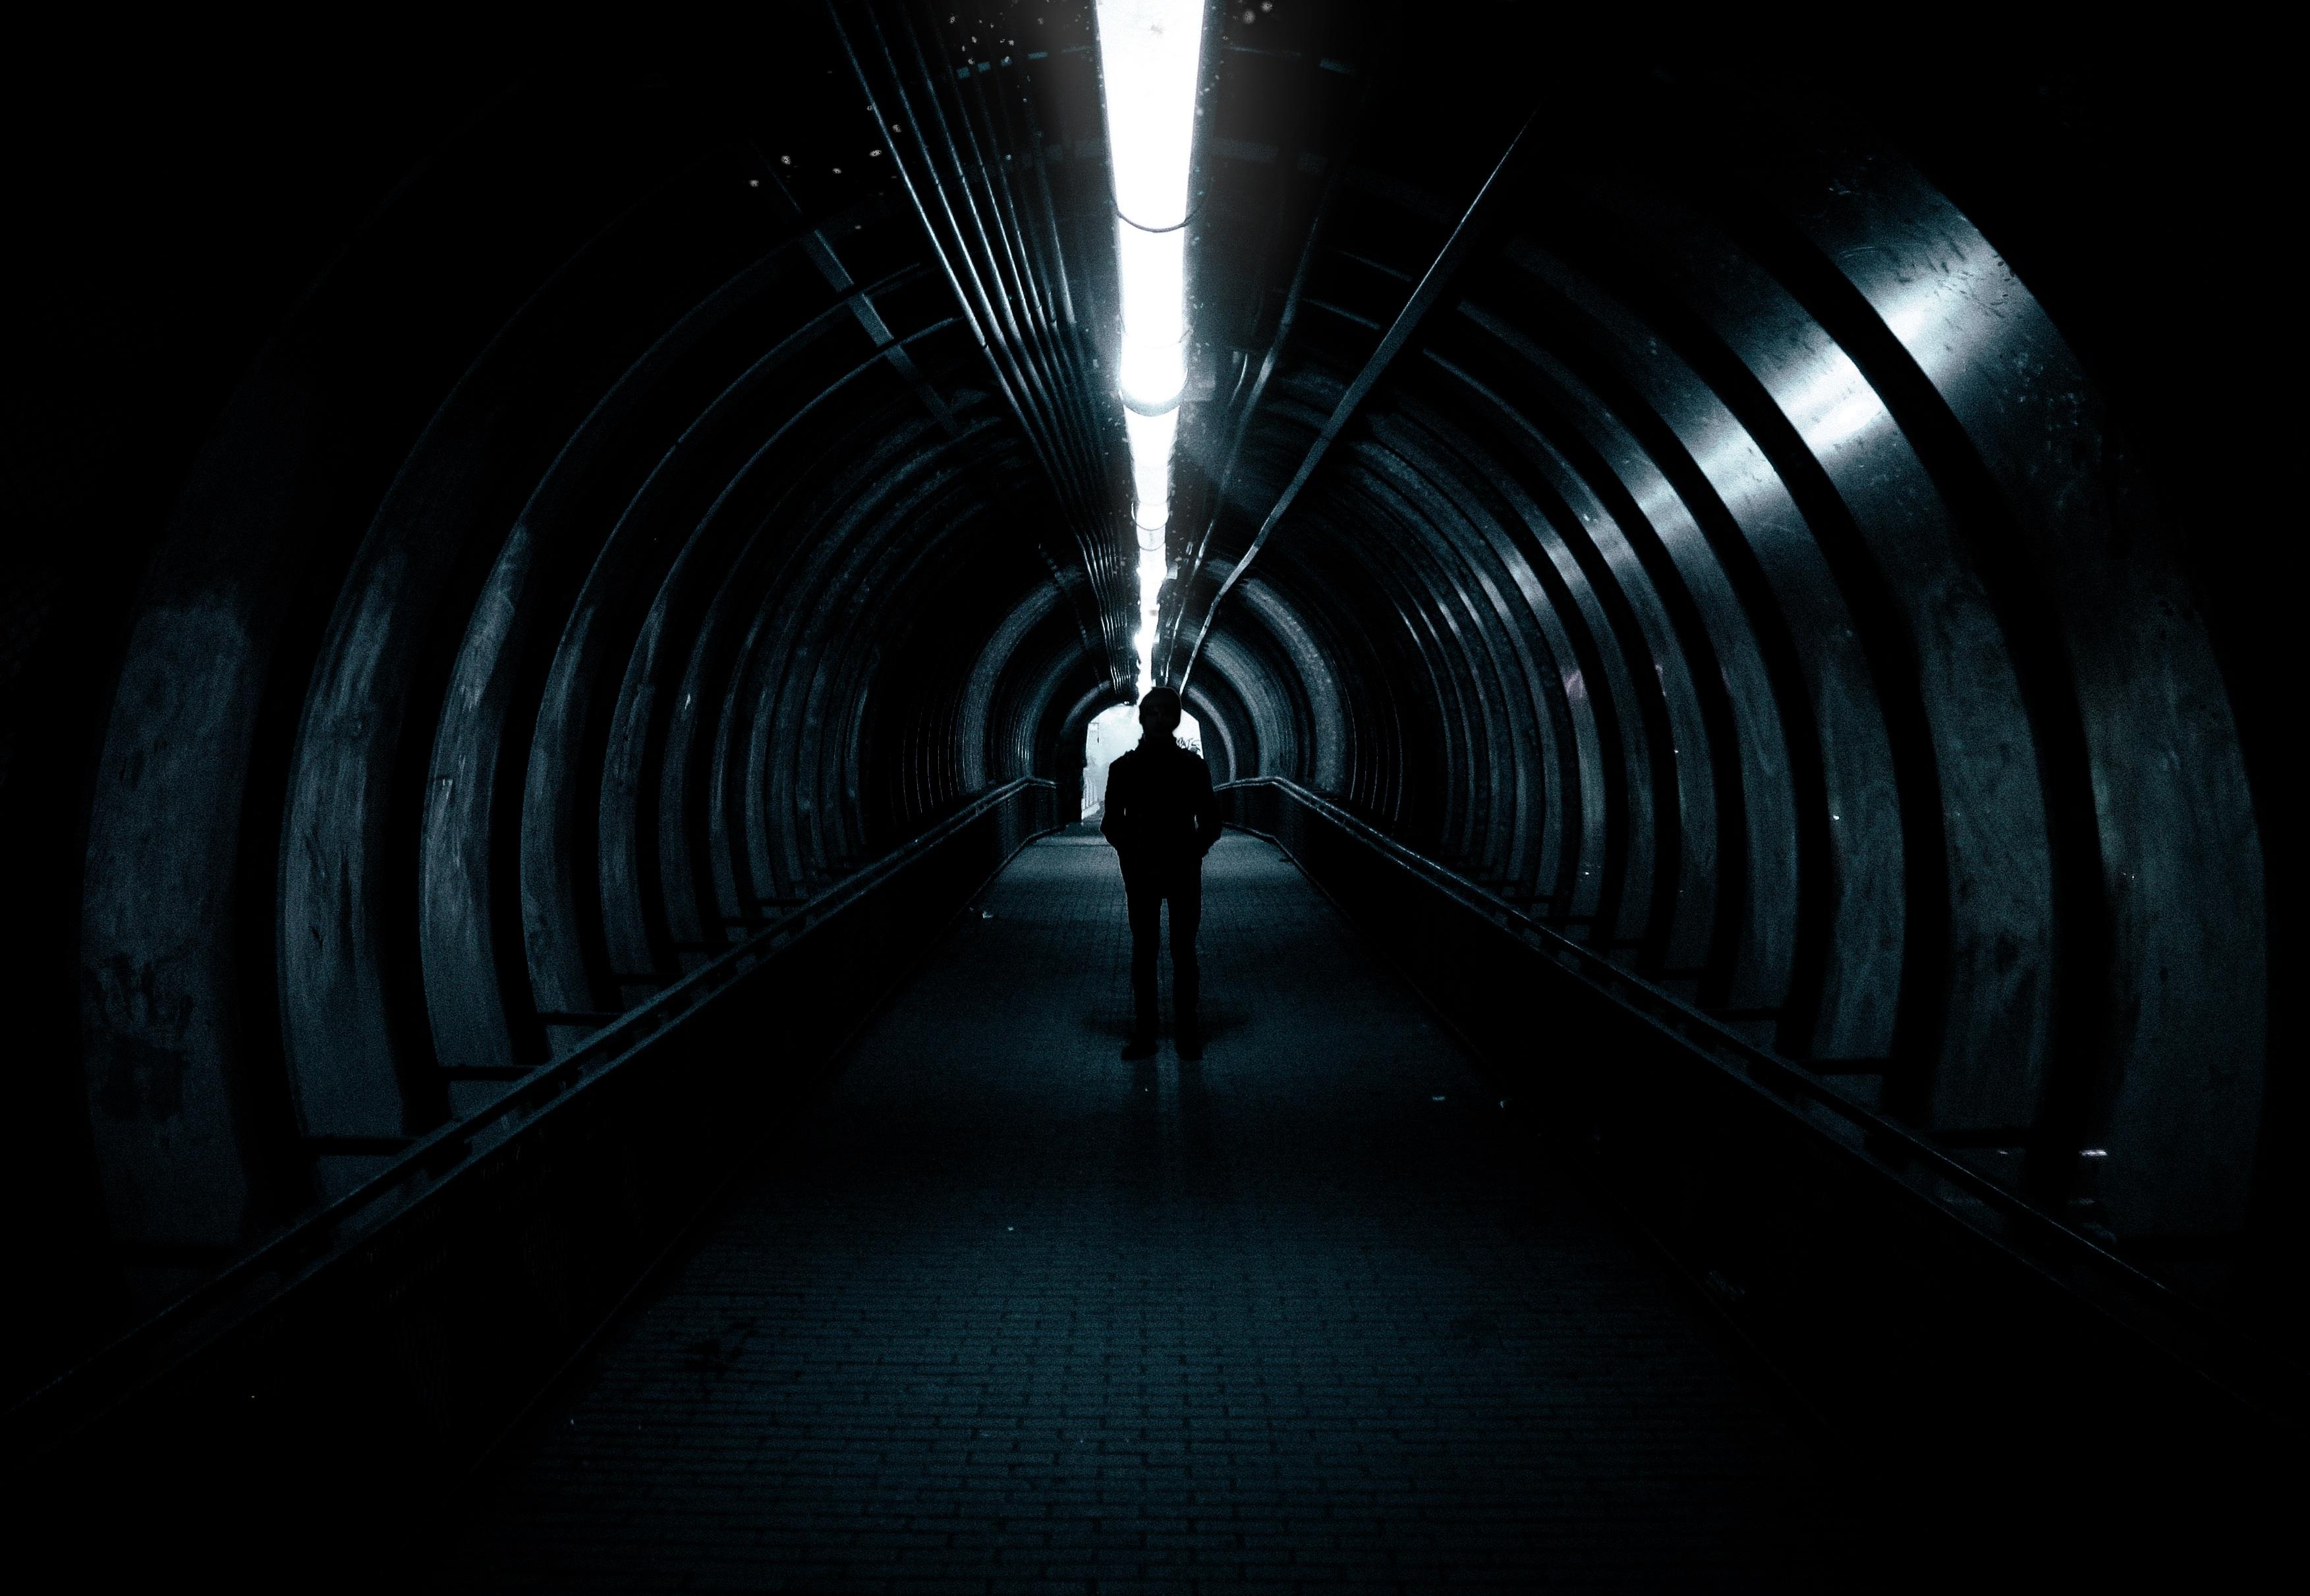 бокалы роз темные туннели картинки плащаница